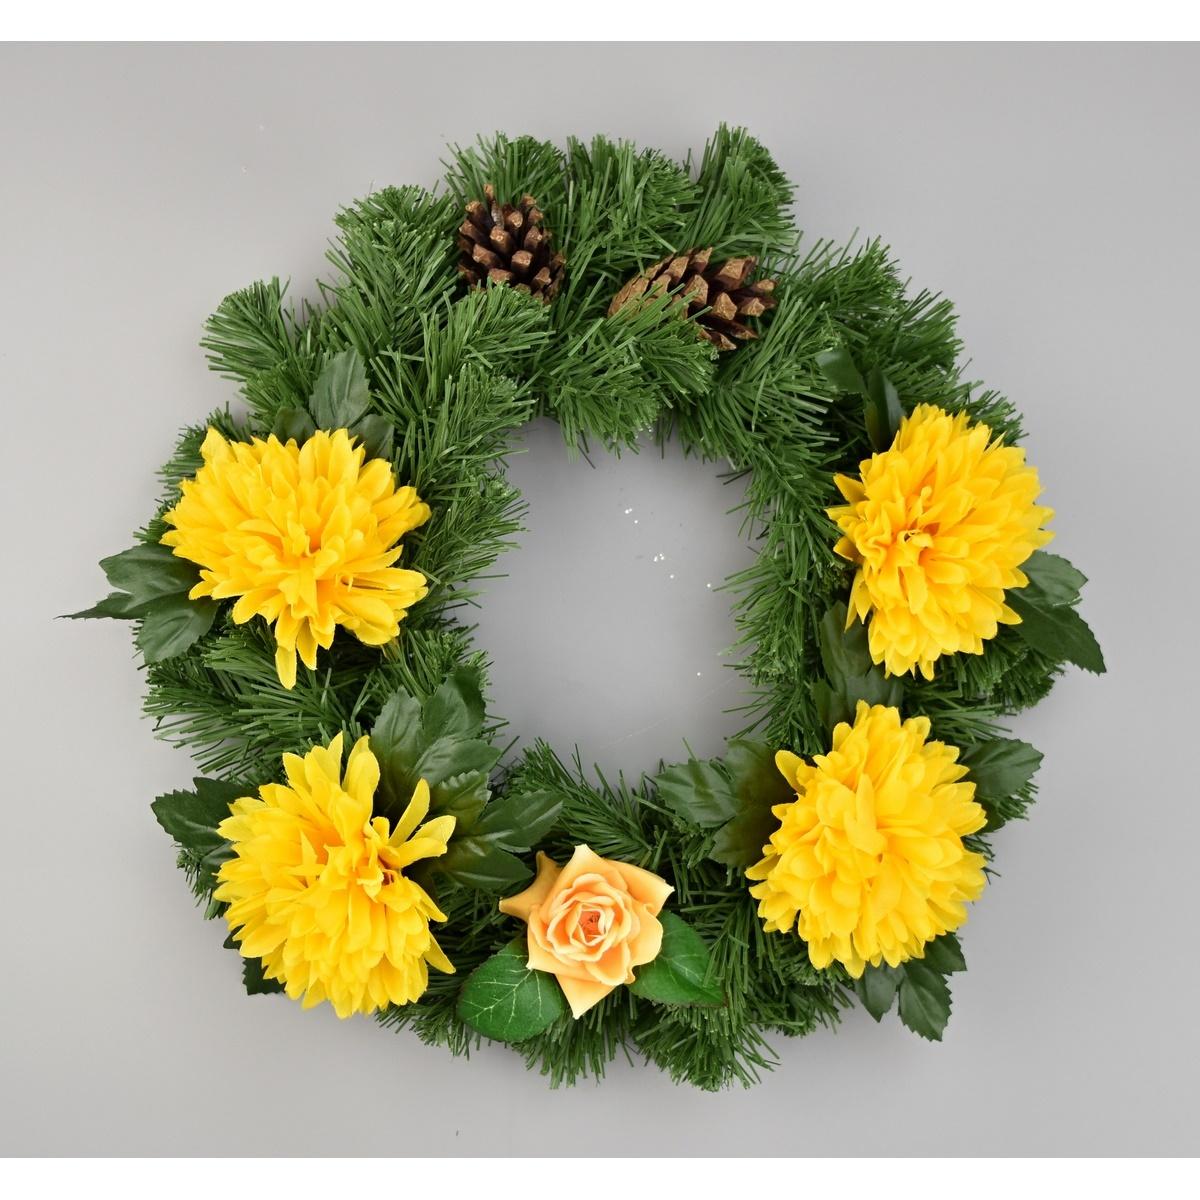 Dušičkový věnec s chryzantémami 30 cm, žlutá